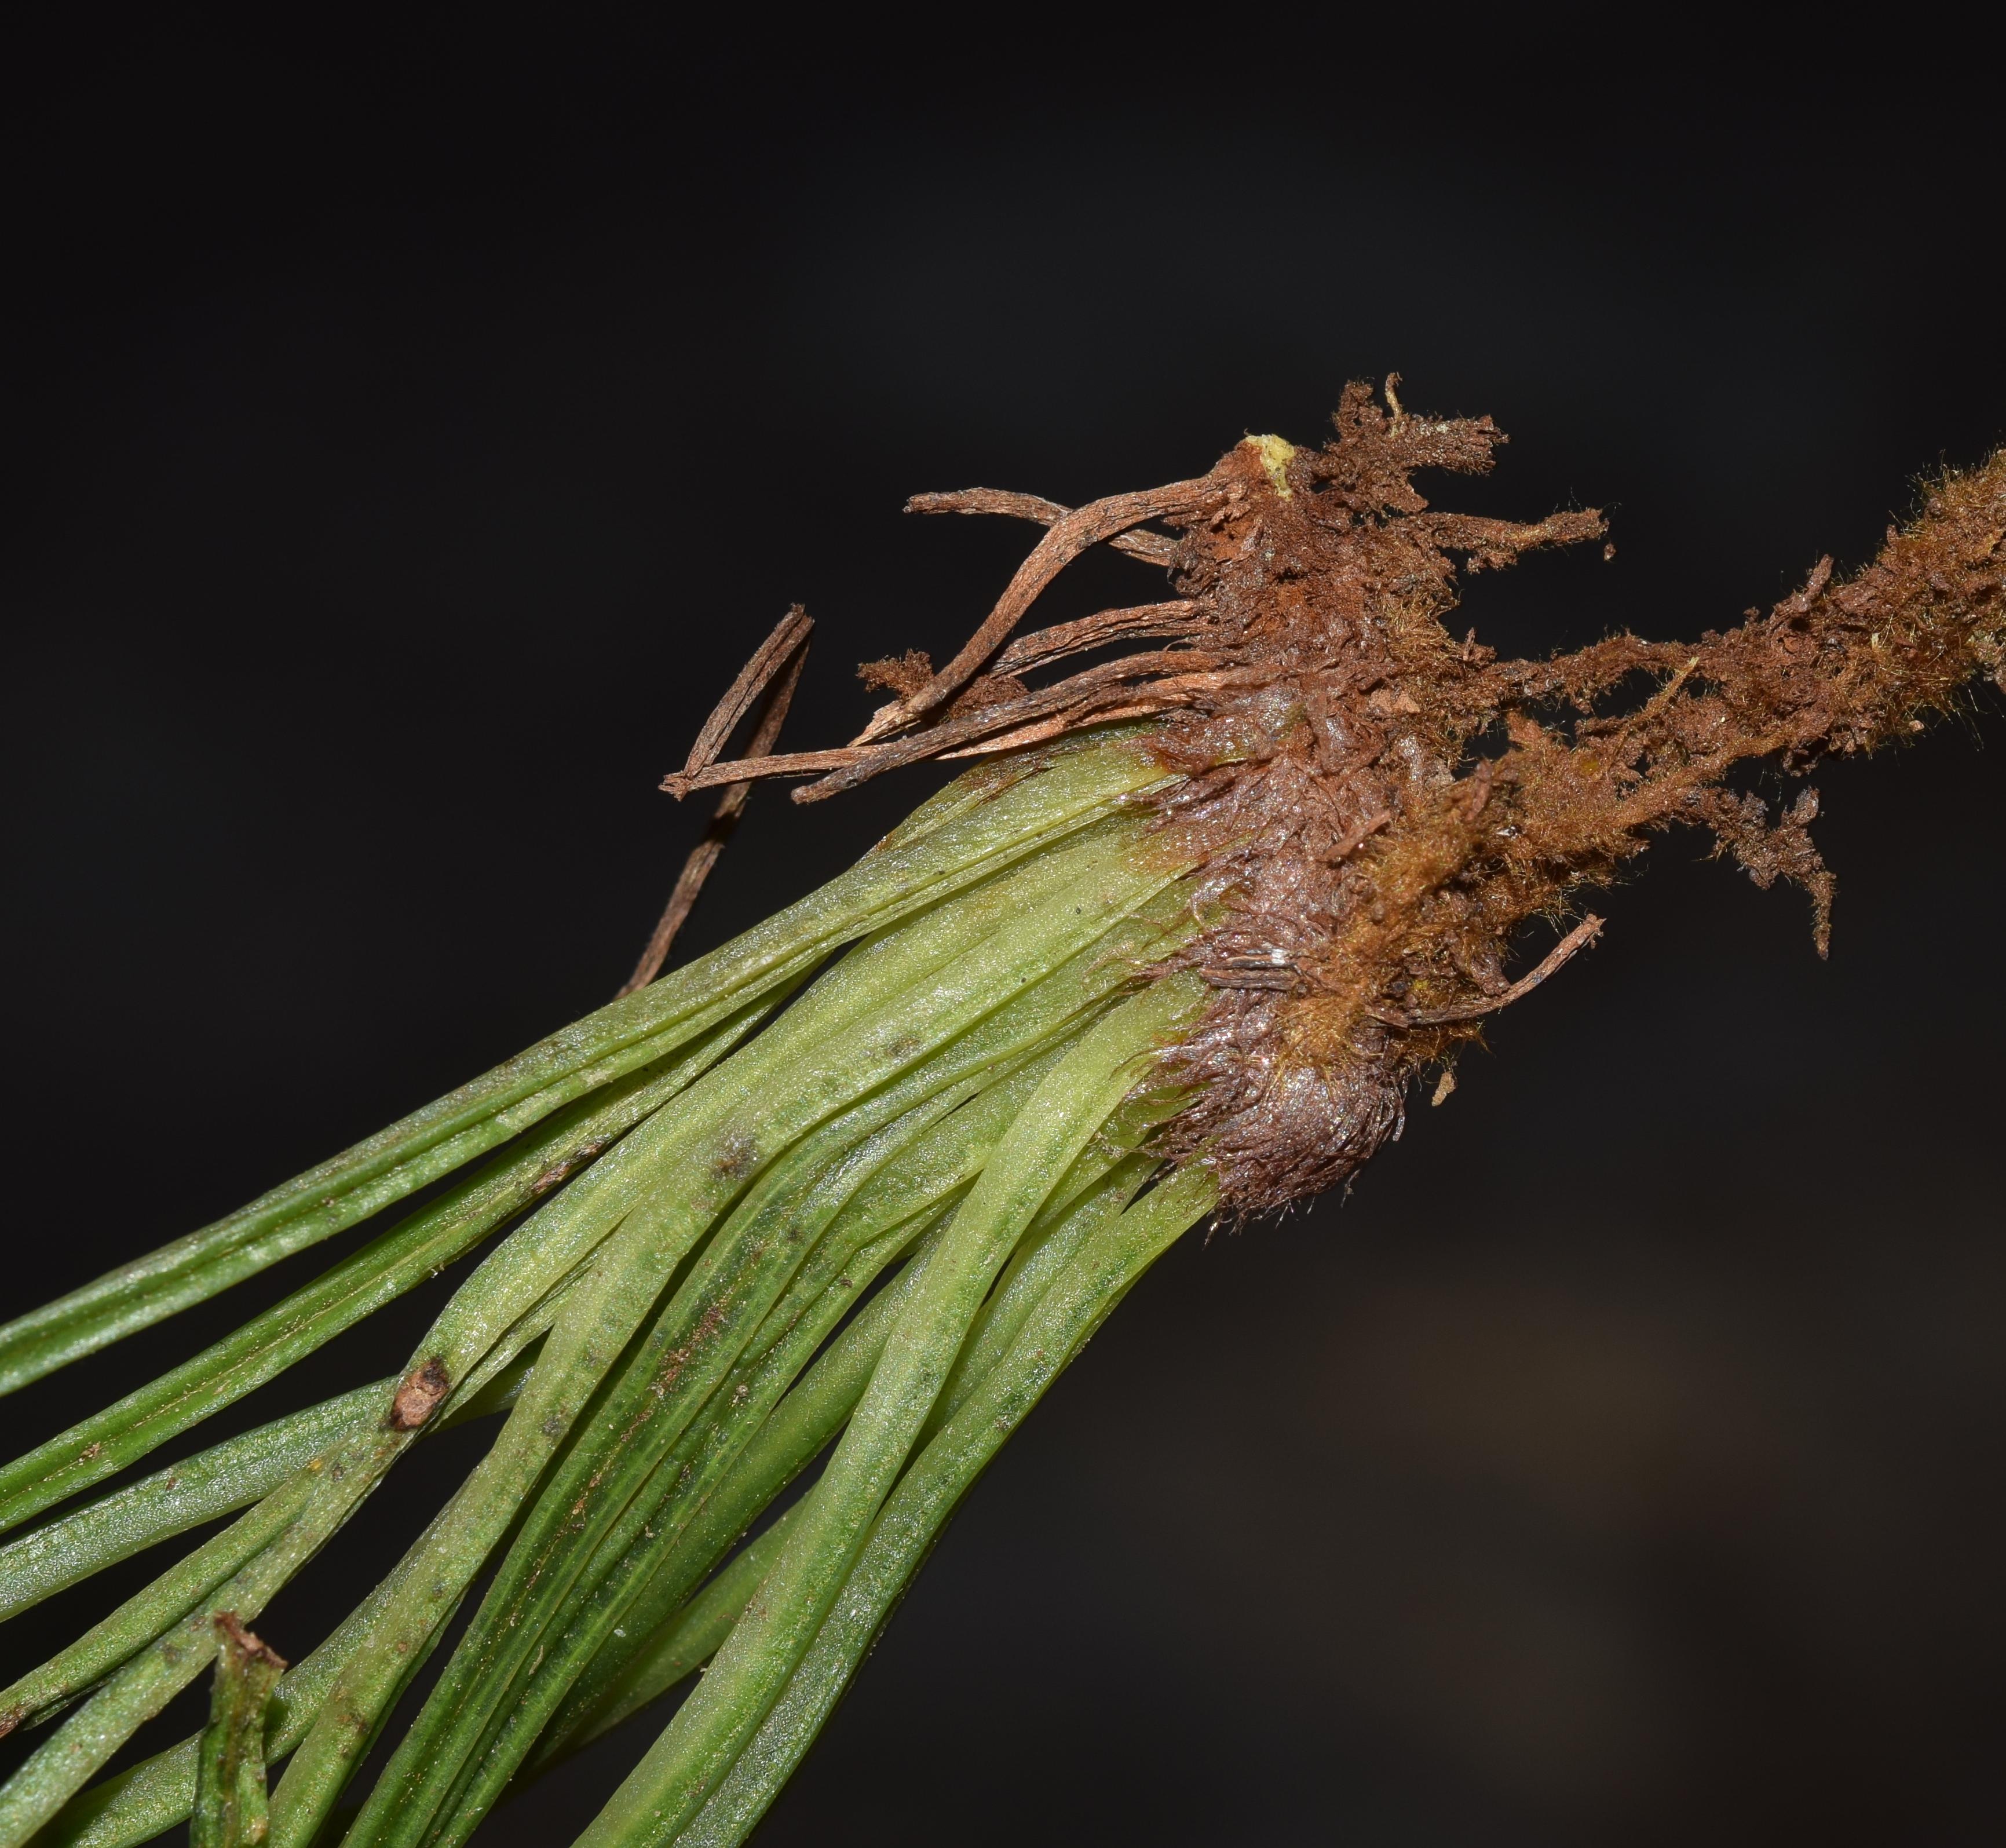 Vittaria flavicosta